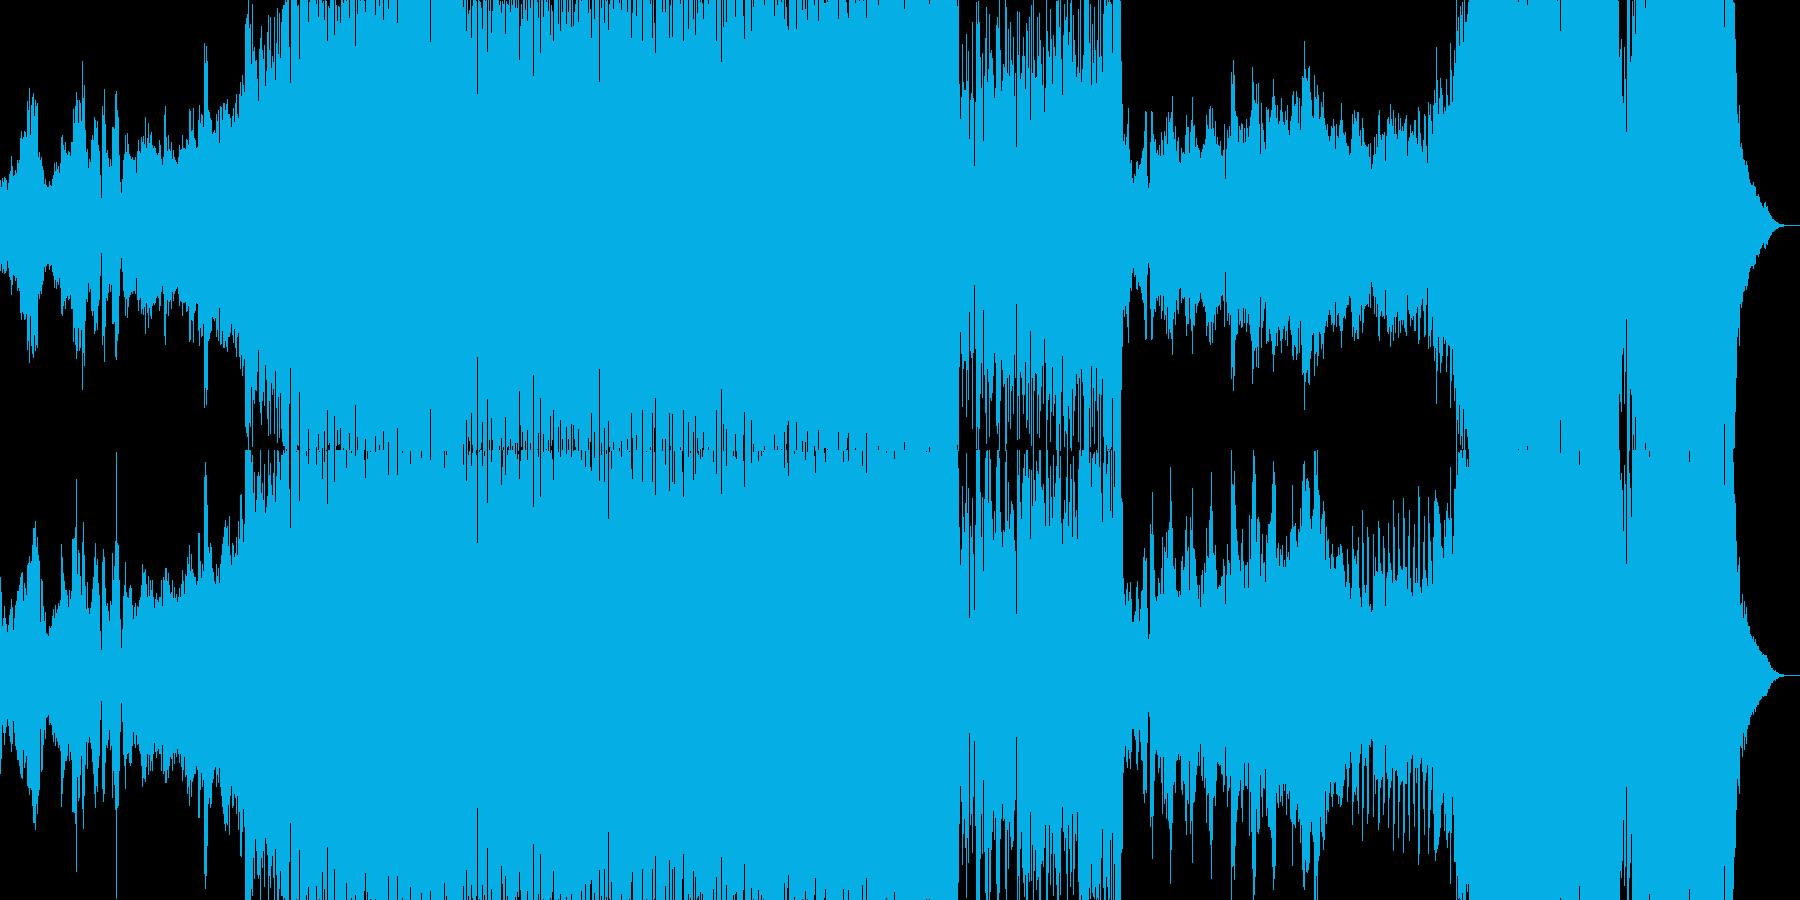 尺八の旋律が印象的な壮大なファンタジー曲の再生済みの波形